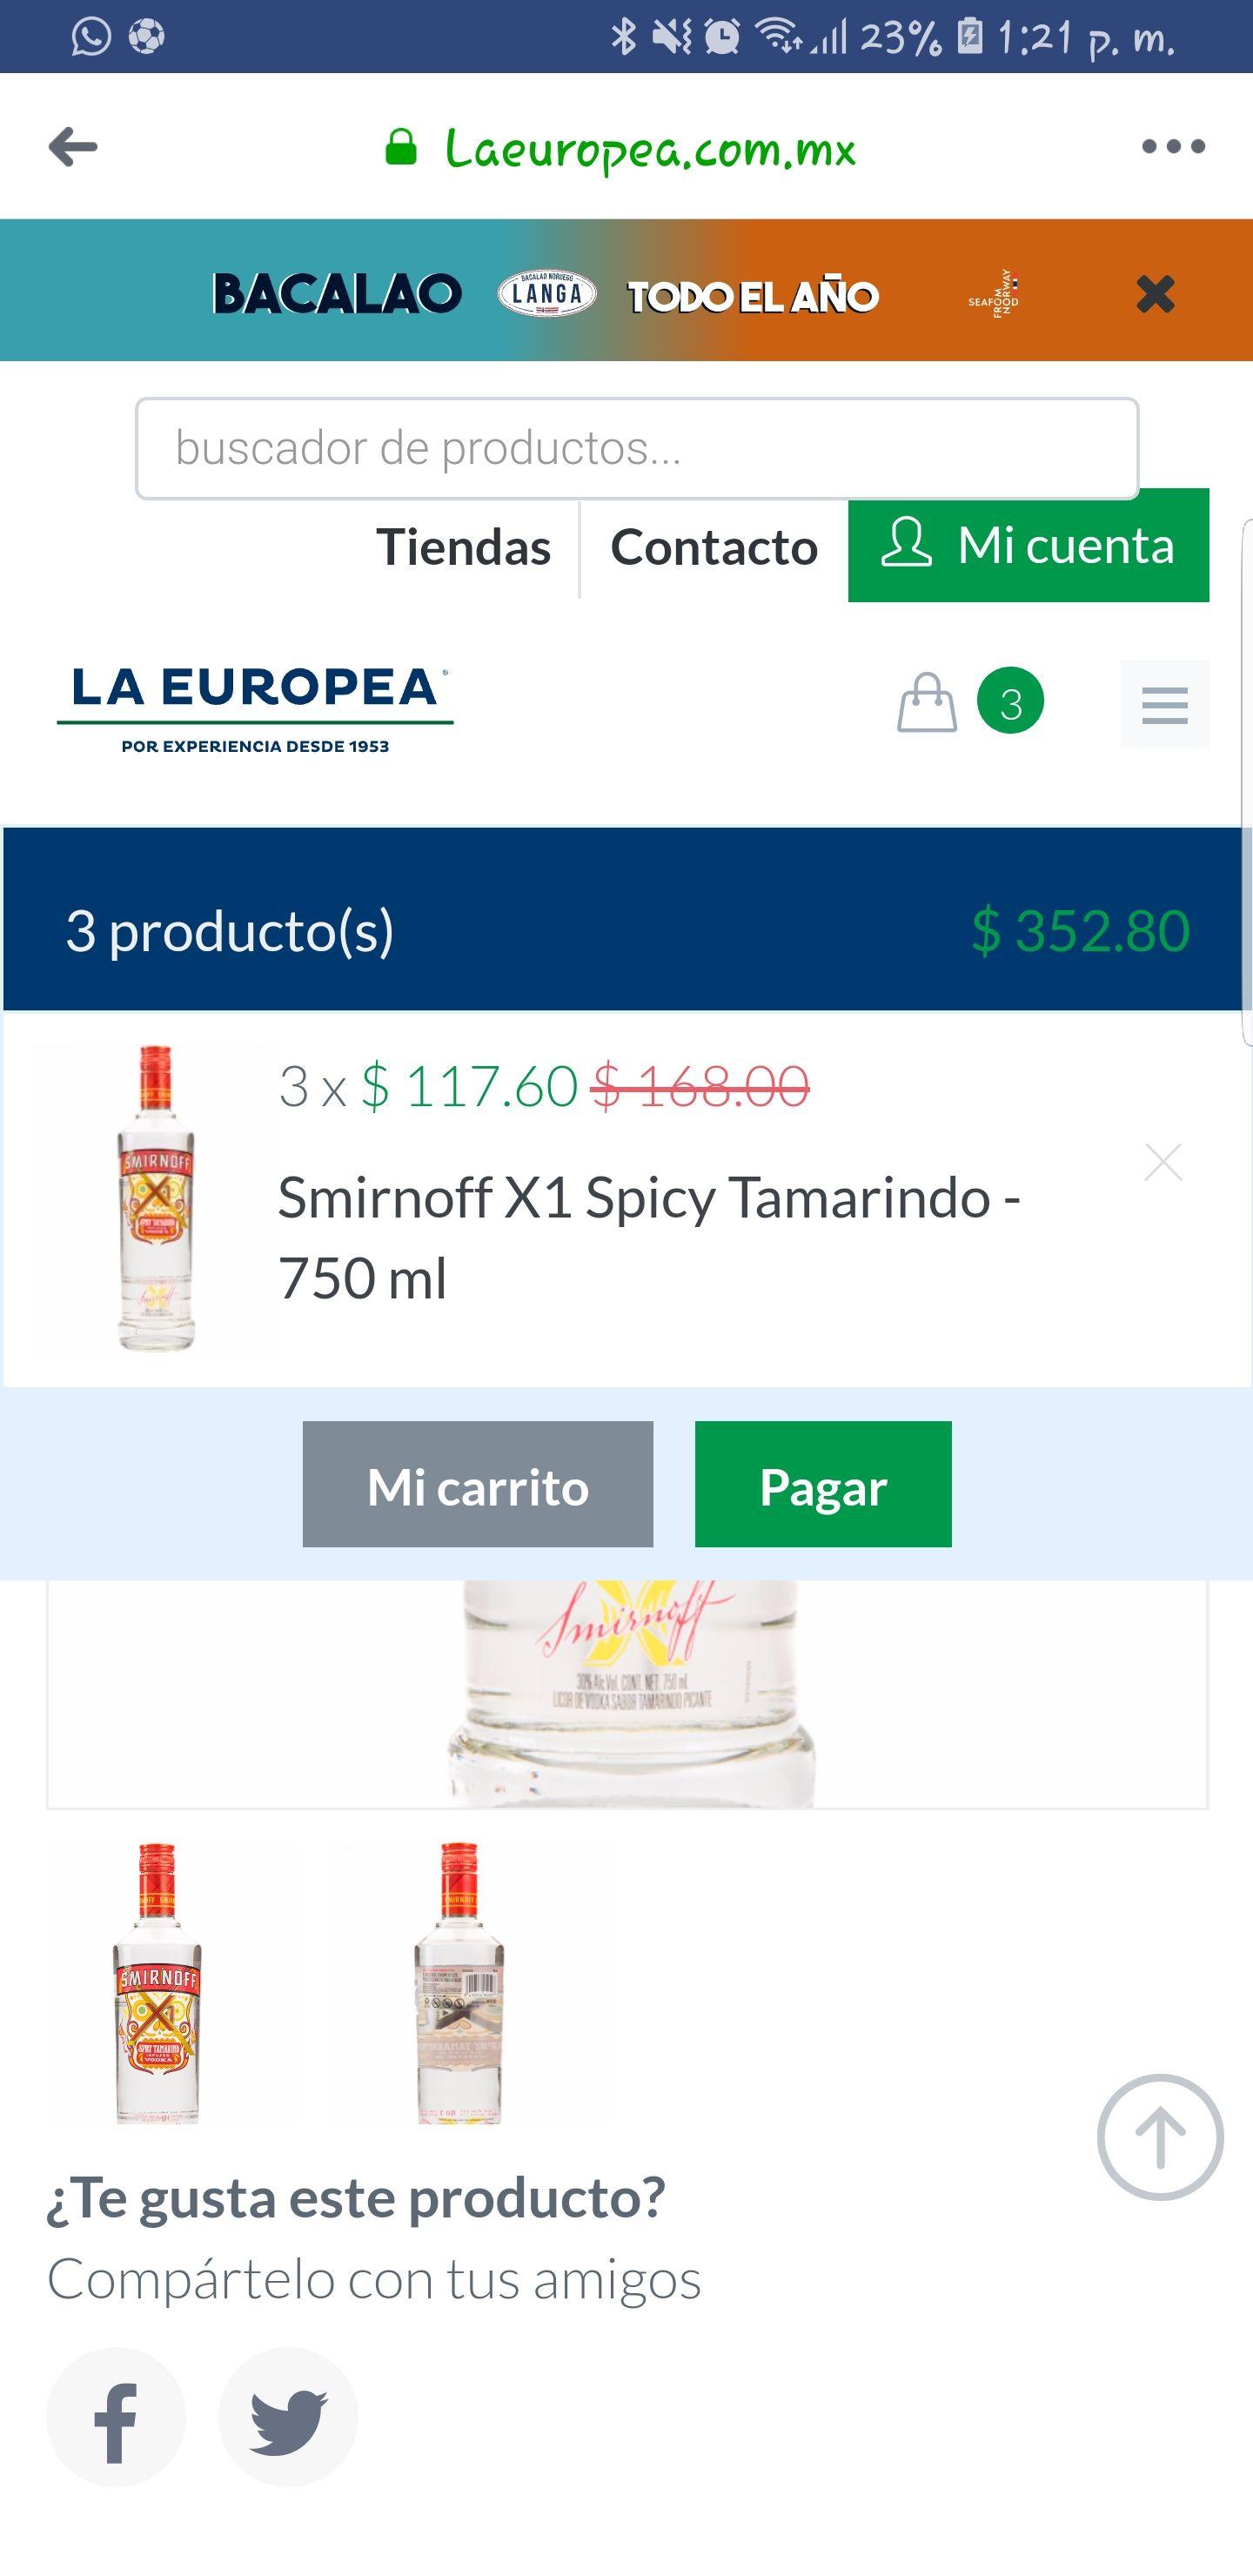 La Europea: Smirnoff de Tamarindo 750ml